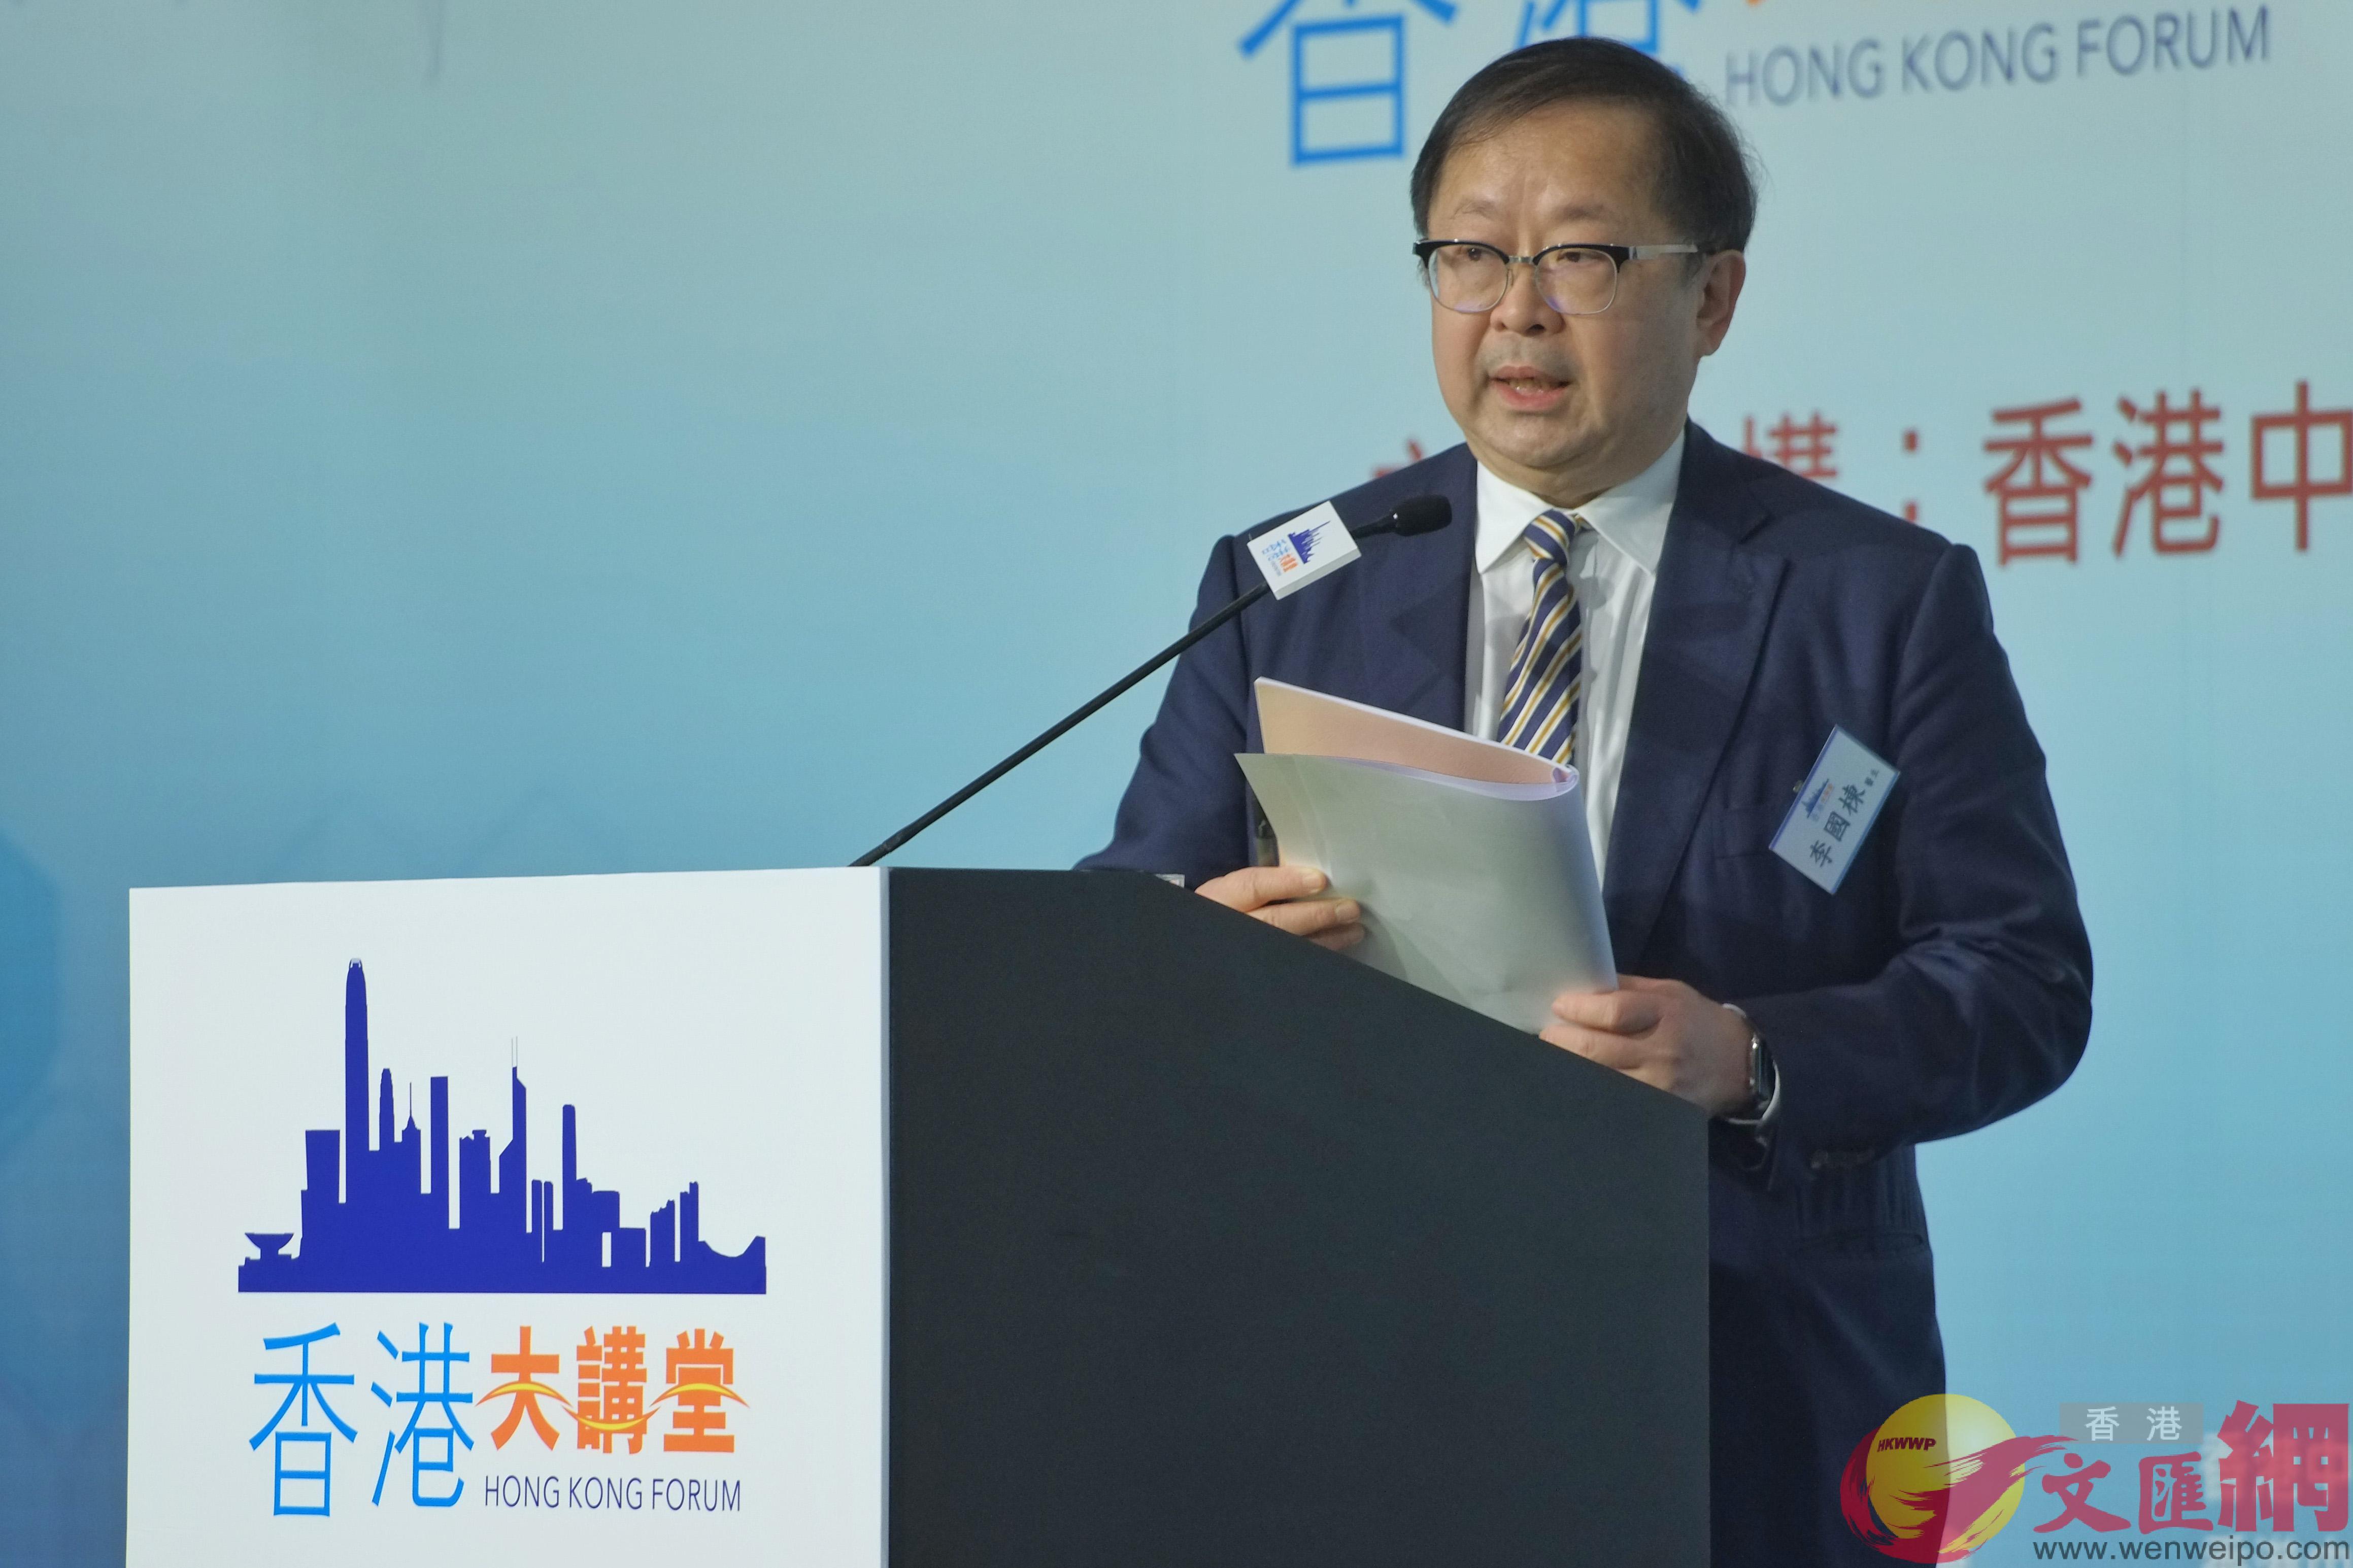 李國棟表示大灣區醫療合作能夠為香港和內地醫護人員帶來更多合作機會